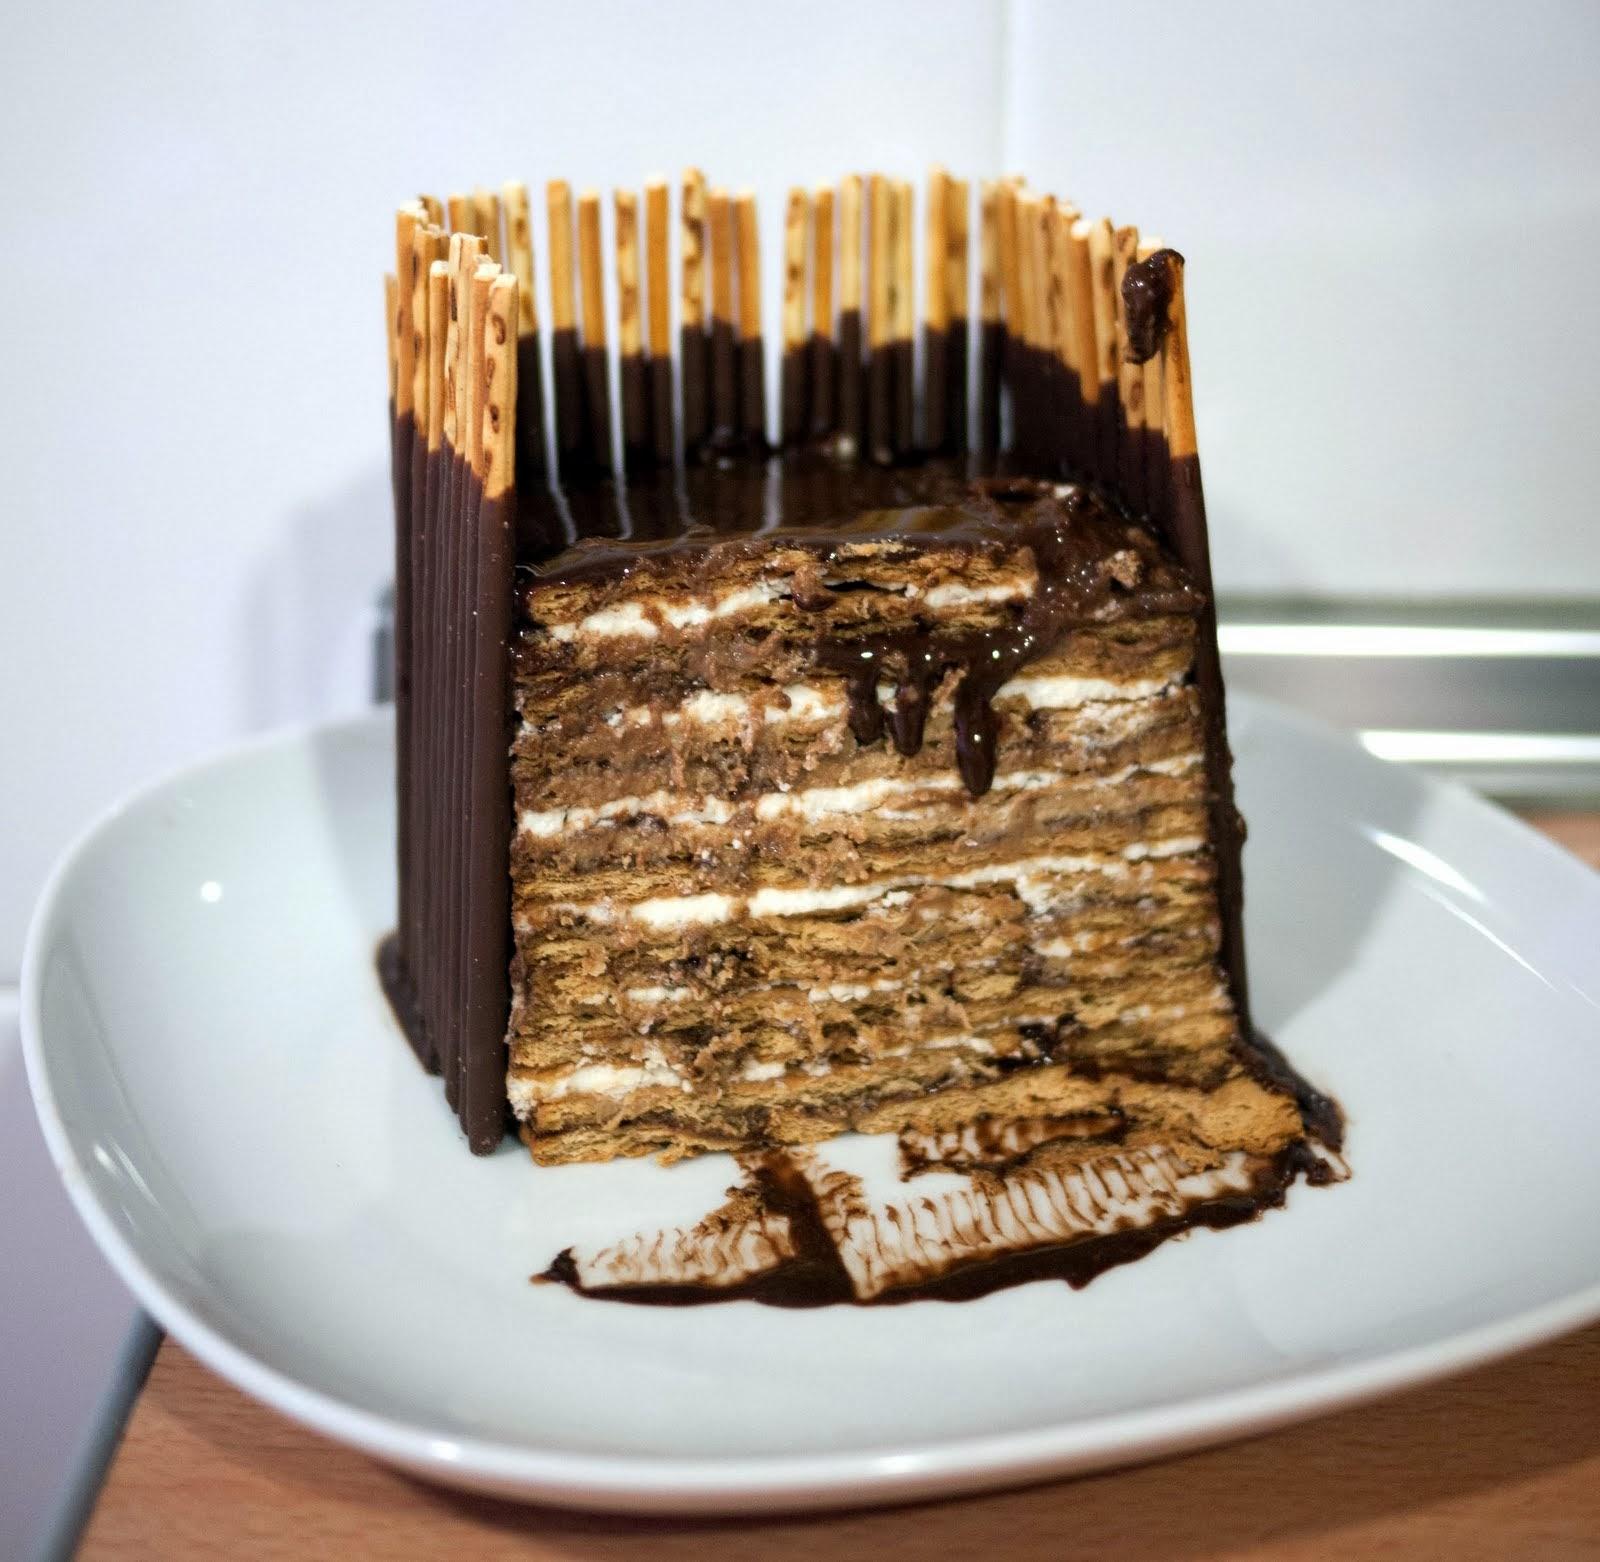 Capas de tarta de galletas, chocolate y nata